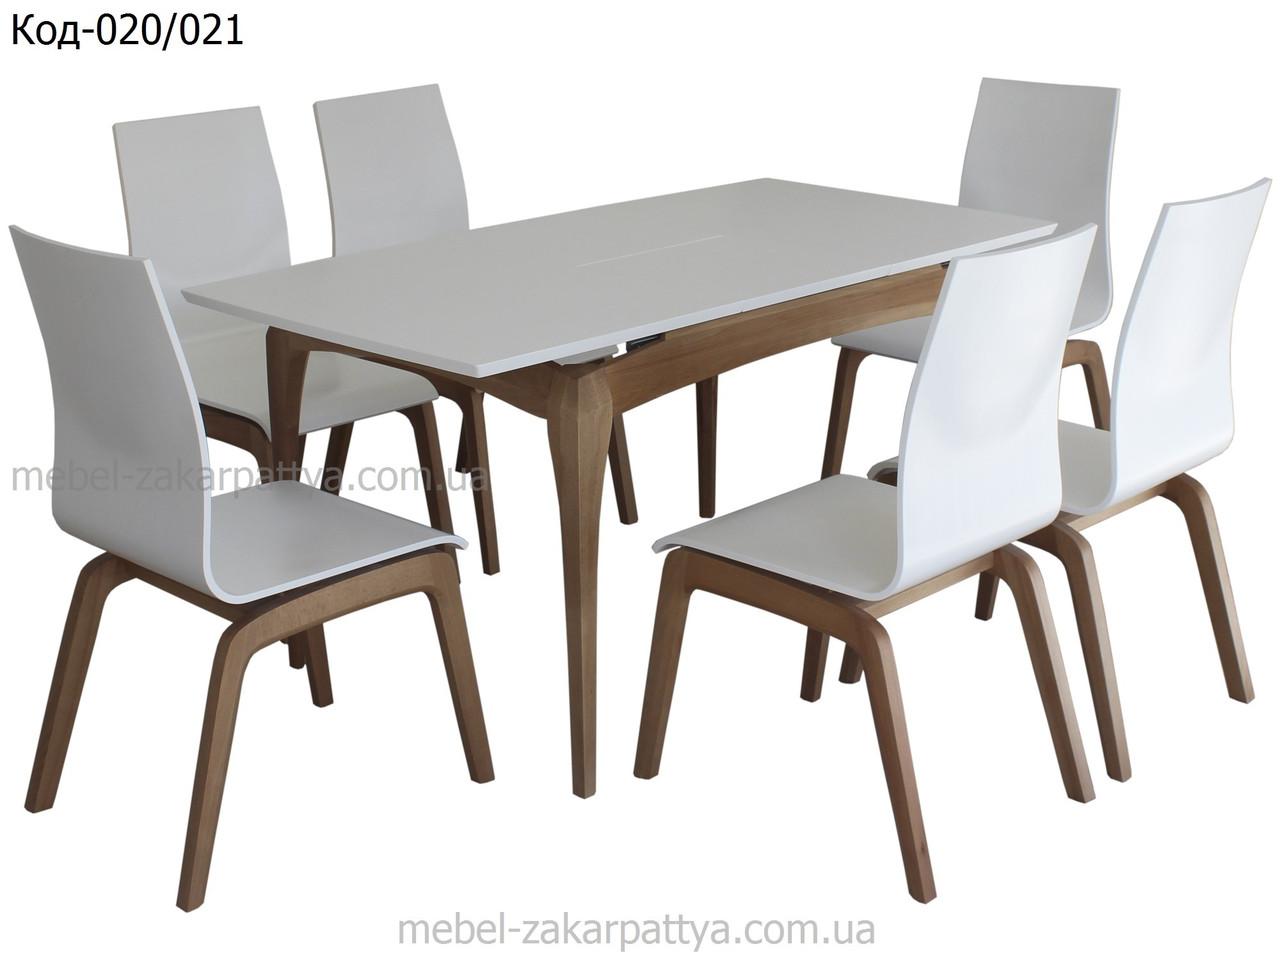 Комплект стол и стулья на кухню Код-020/021